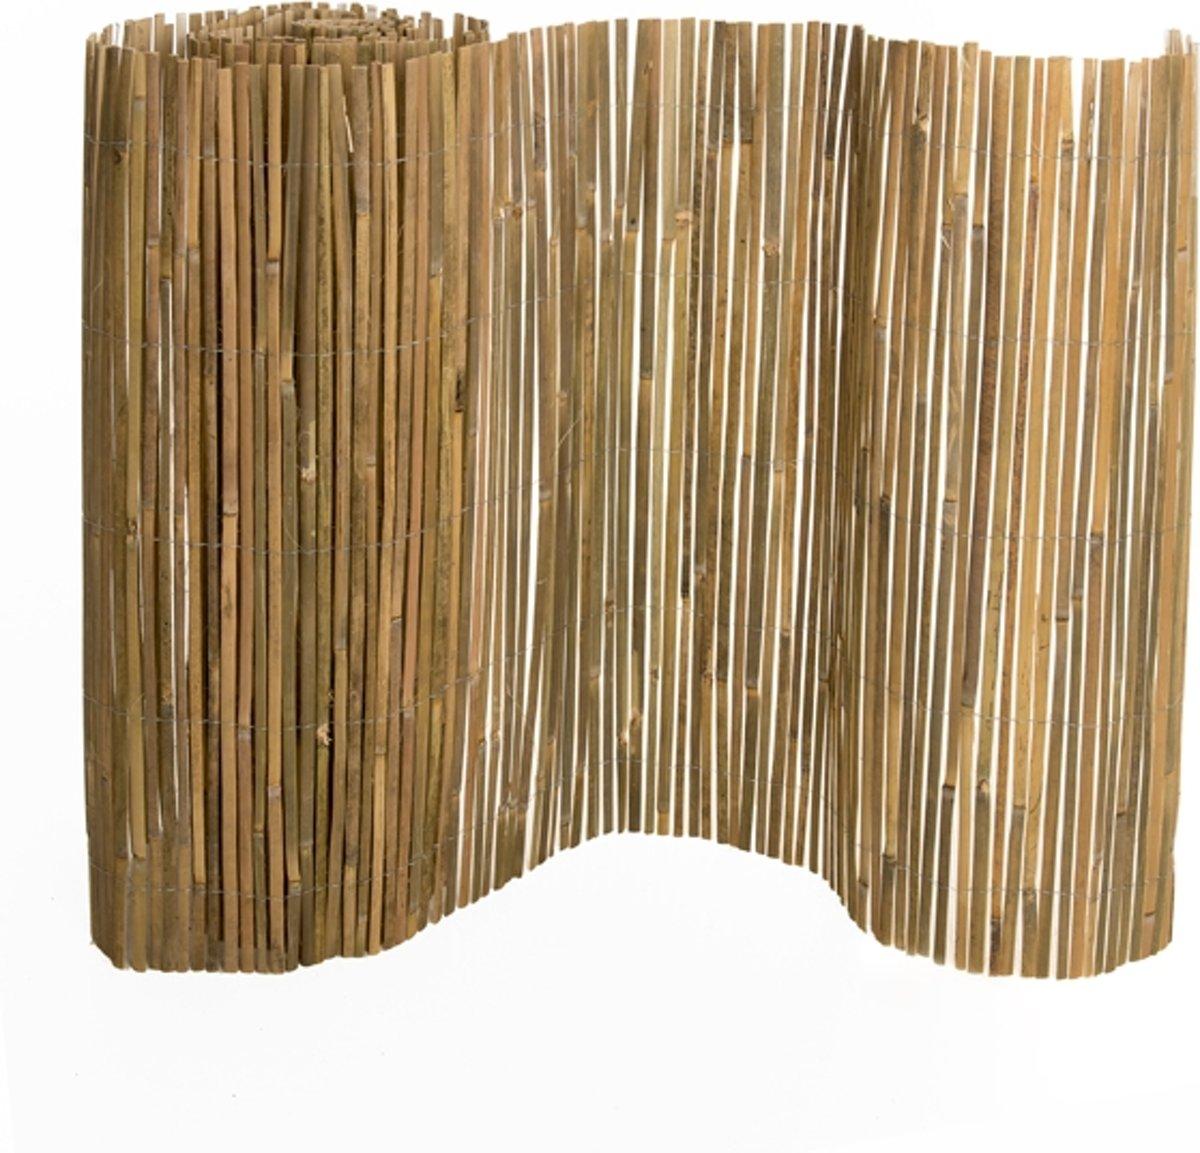 Bamboe mat 100x500 cm - gespleten kopen